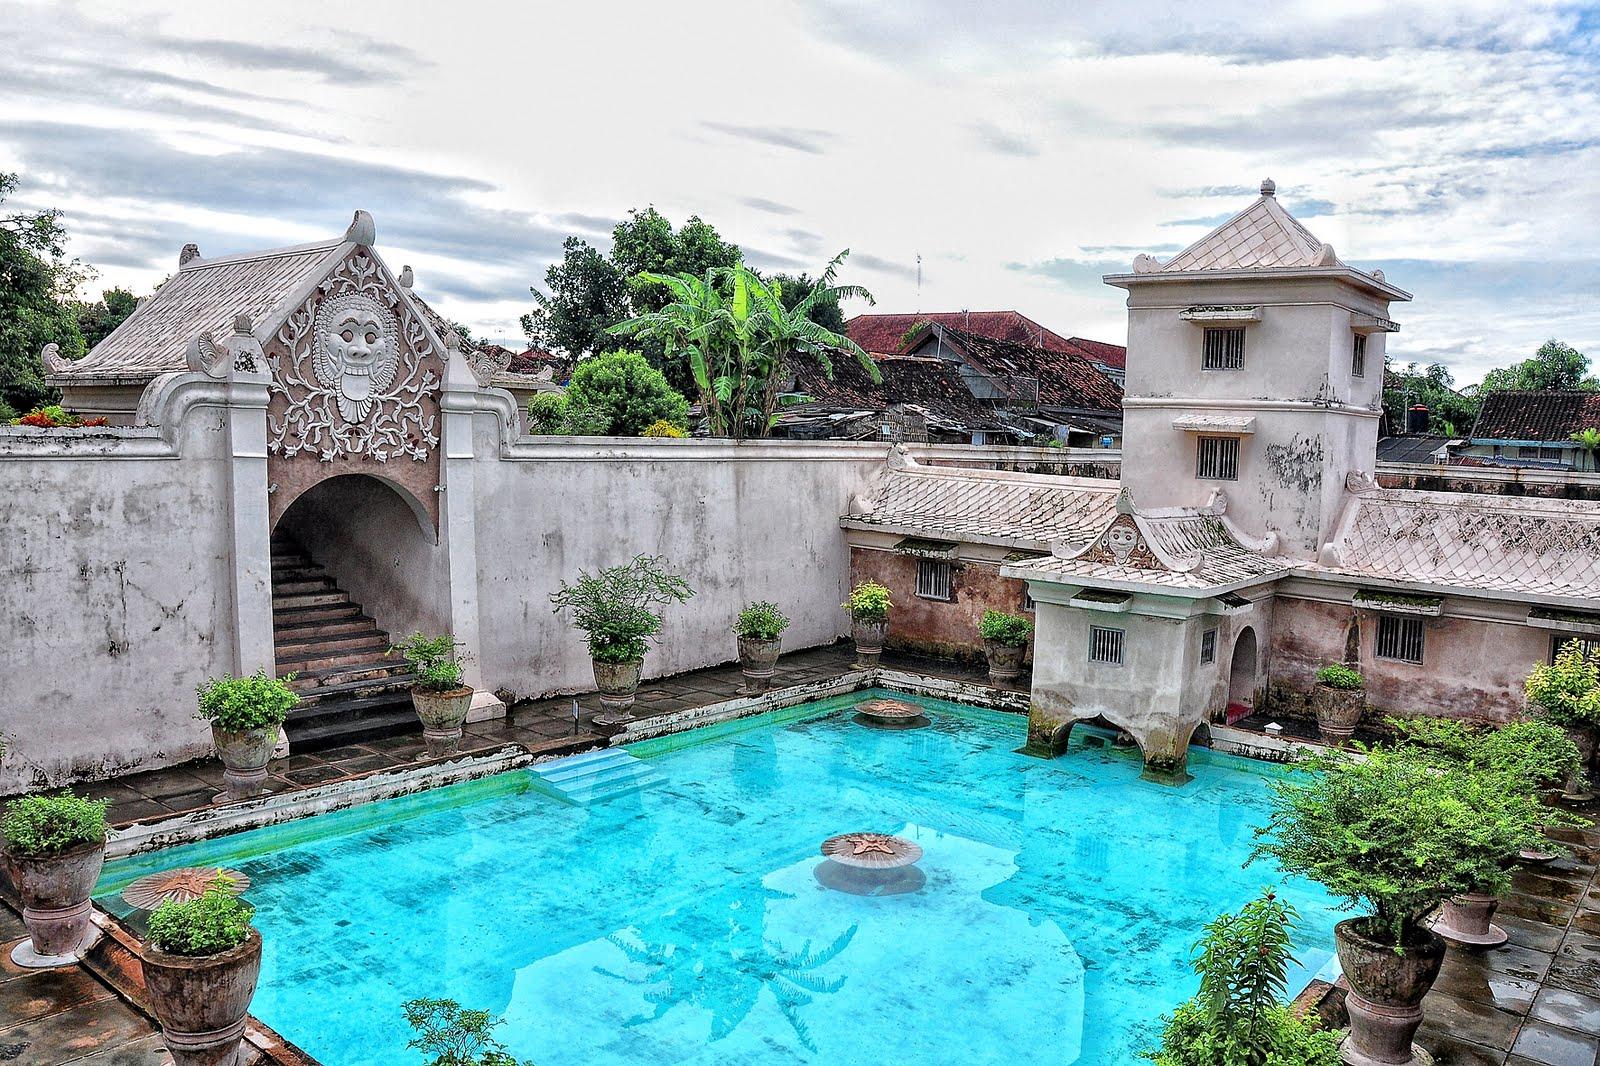 Infromasi Lengkap Taman Sari Keraton Yogyakarta 2 Terkini Jogja Yogya